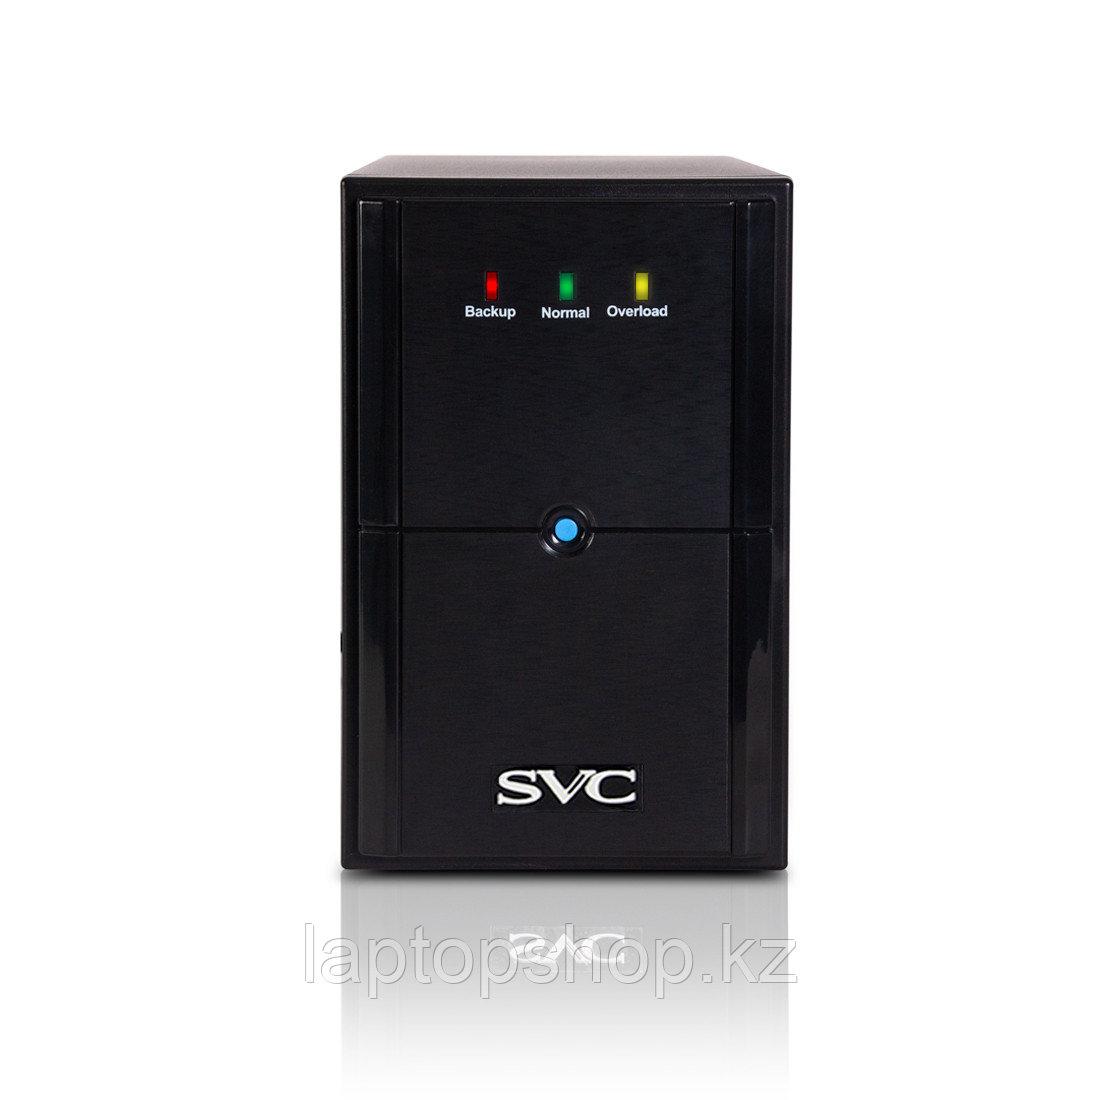 Источник бесперебойного питания SVC V-1500-L, Мощность 1500ВА/900Вт